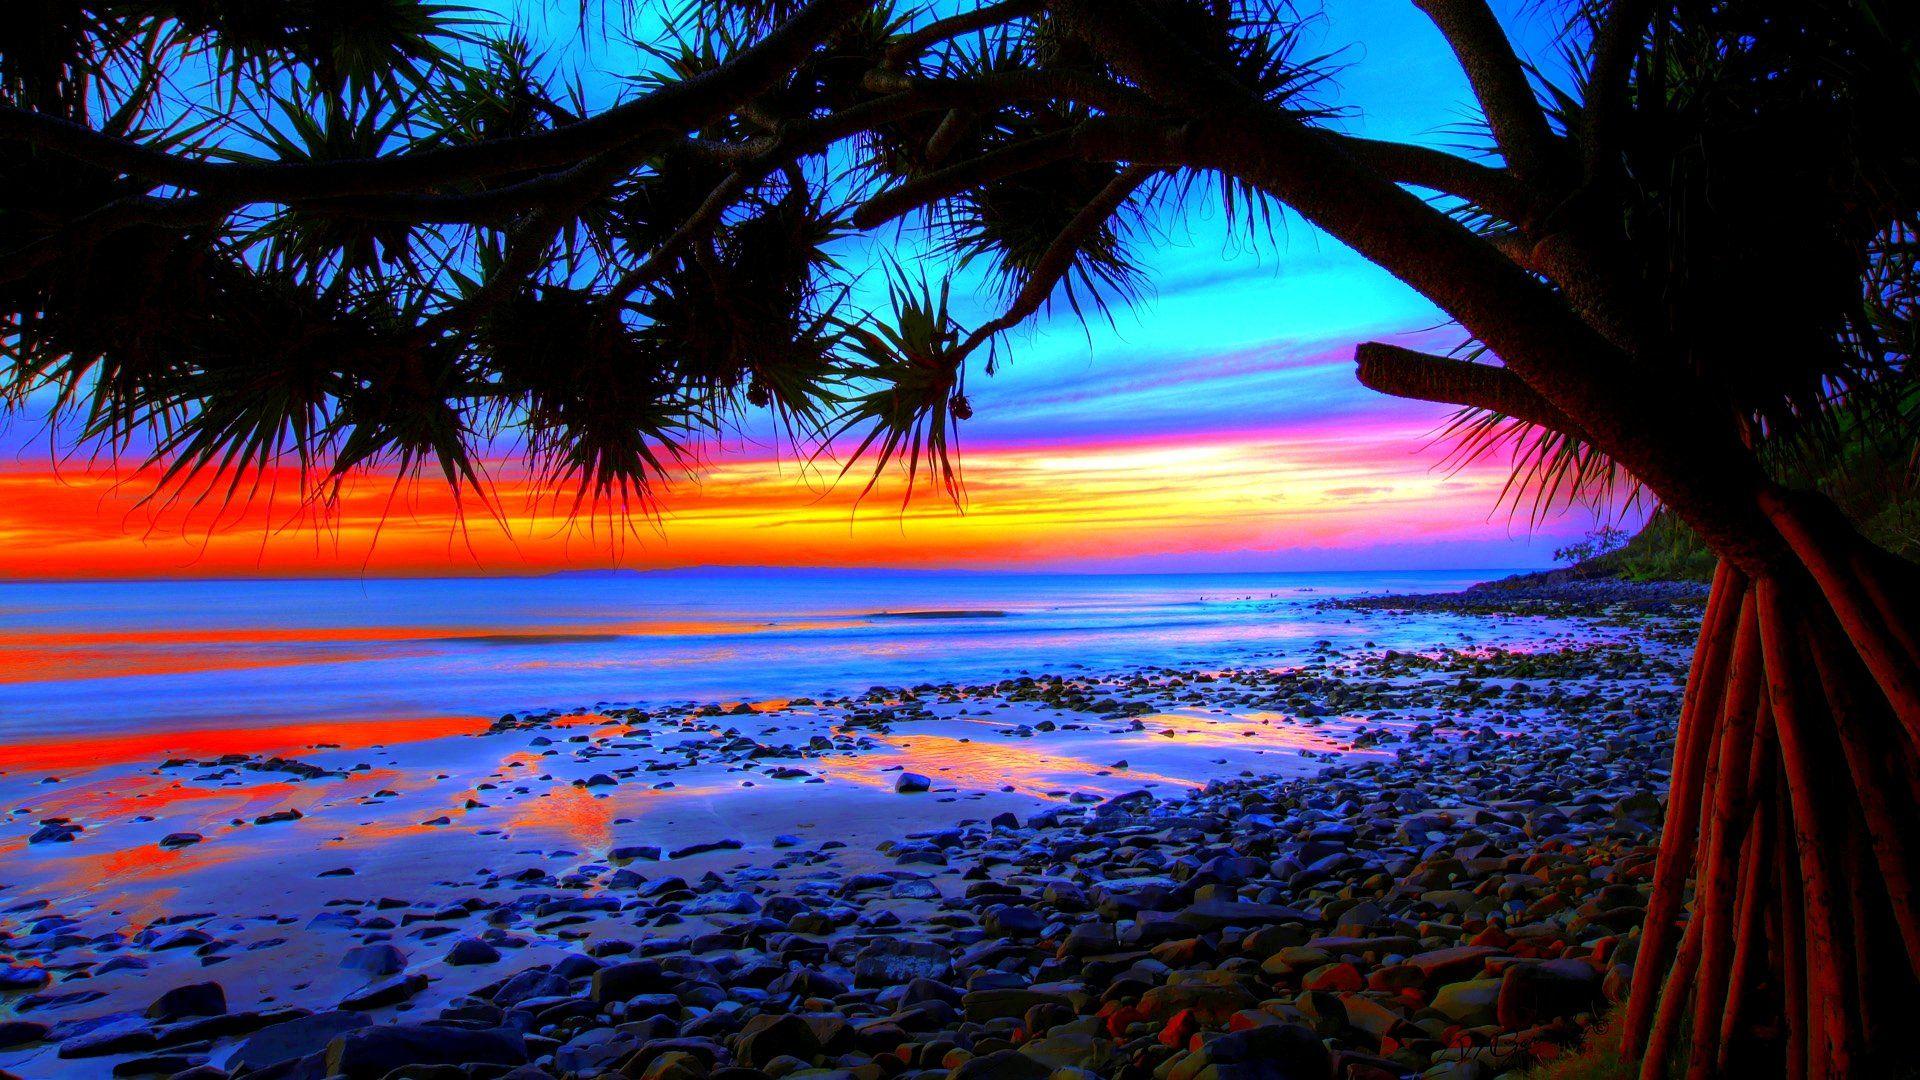 wallpaper-sunset-background-beach-wallpapers-beaches-high ...